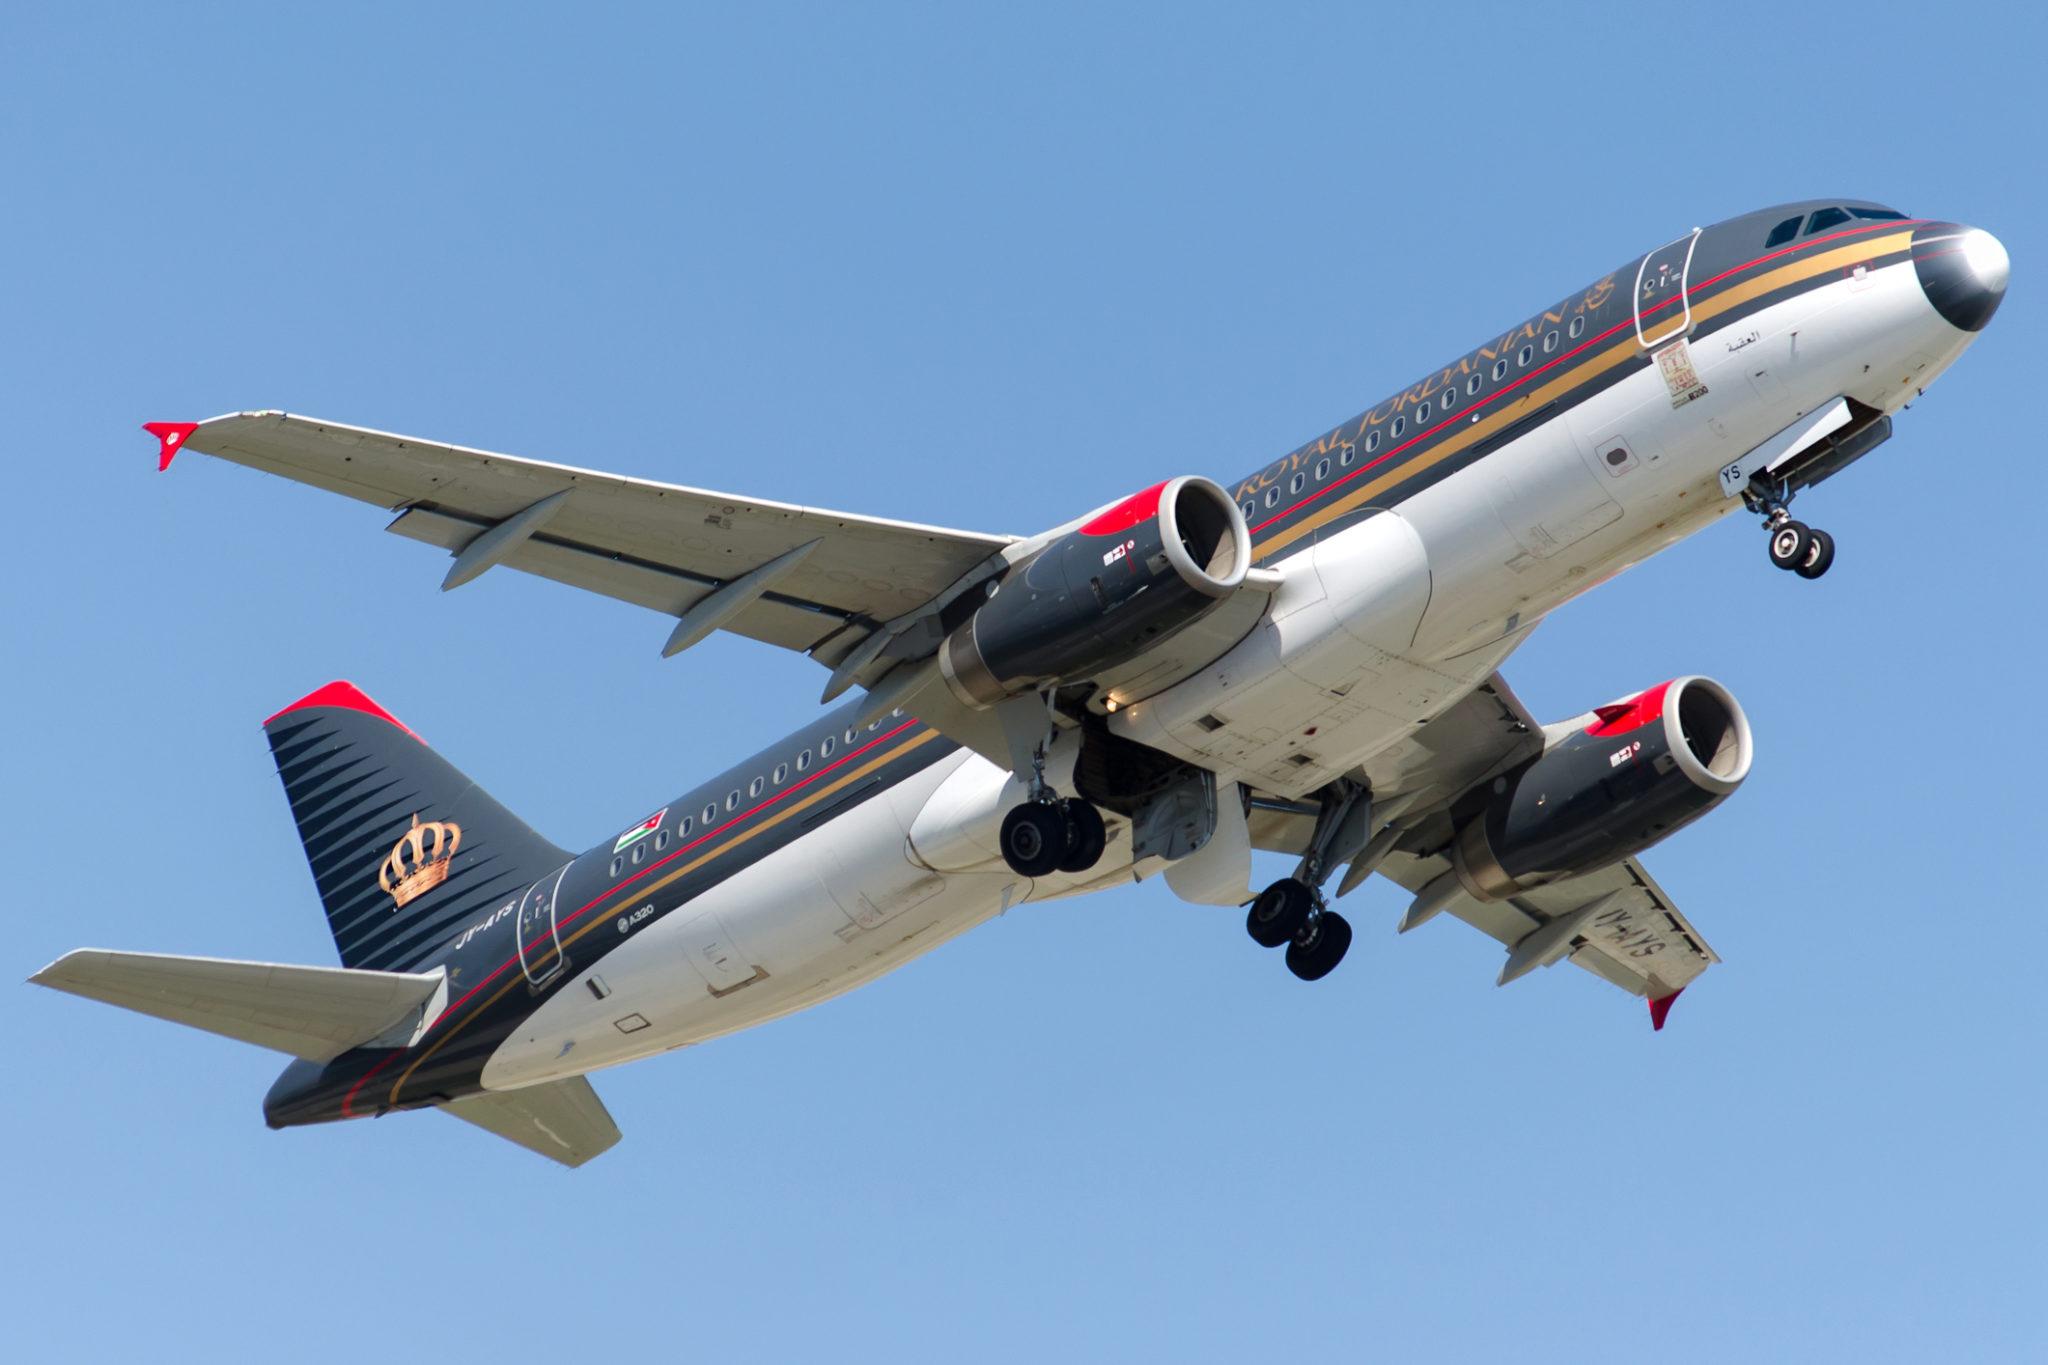 Letadlo Jordanian